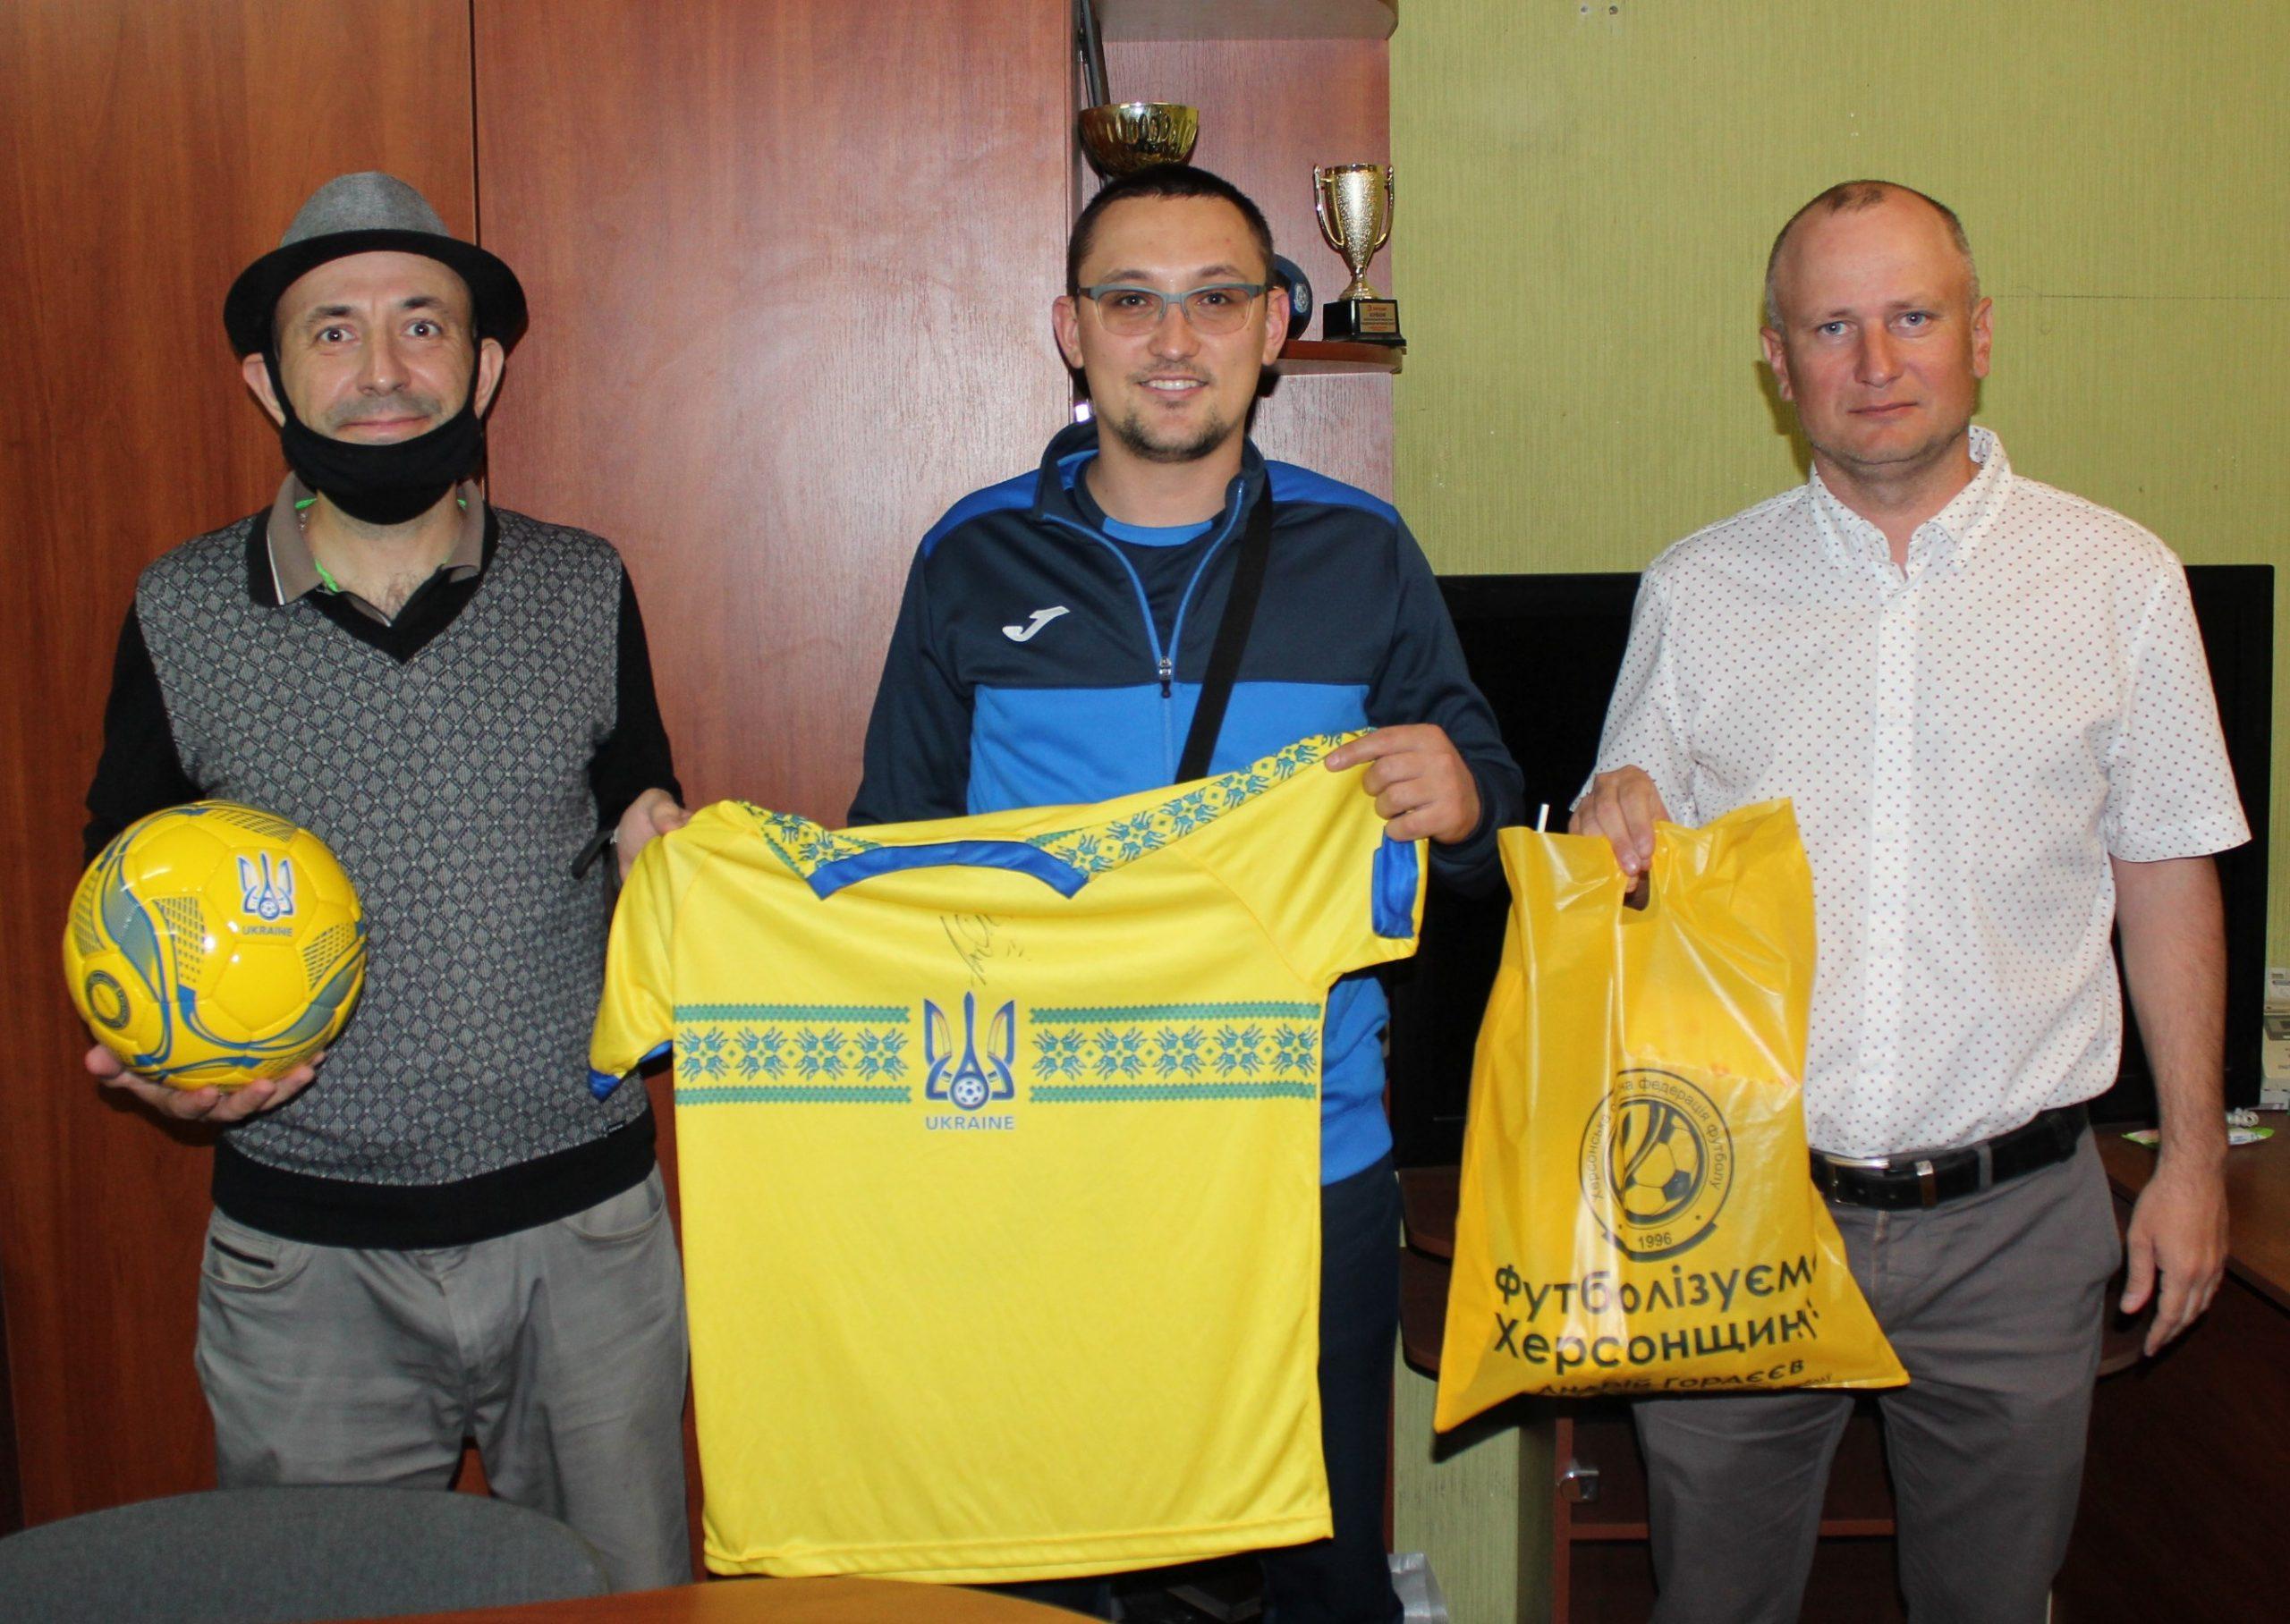 Вітаємо!!! Віктор Якунін – переможець благодійного аукціону для Дениса Карпенка!